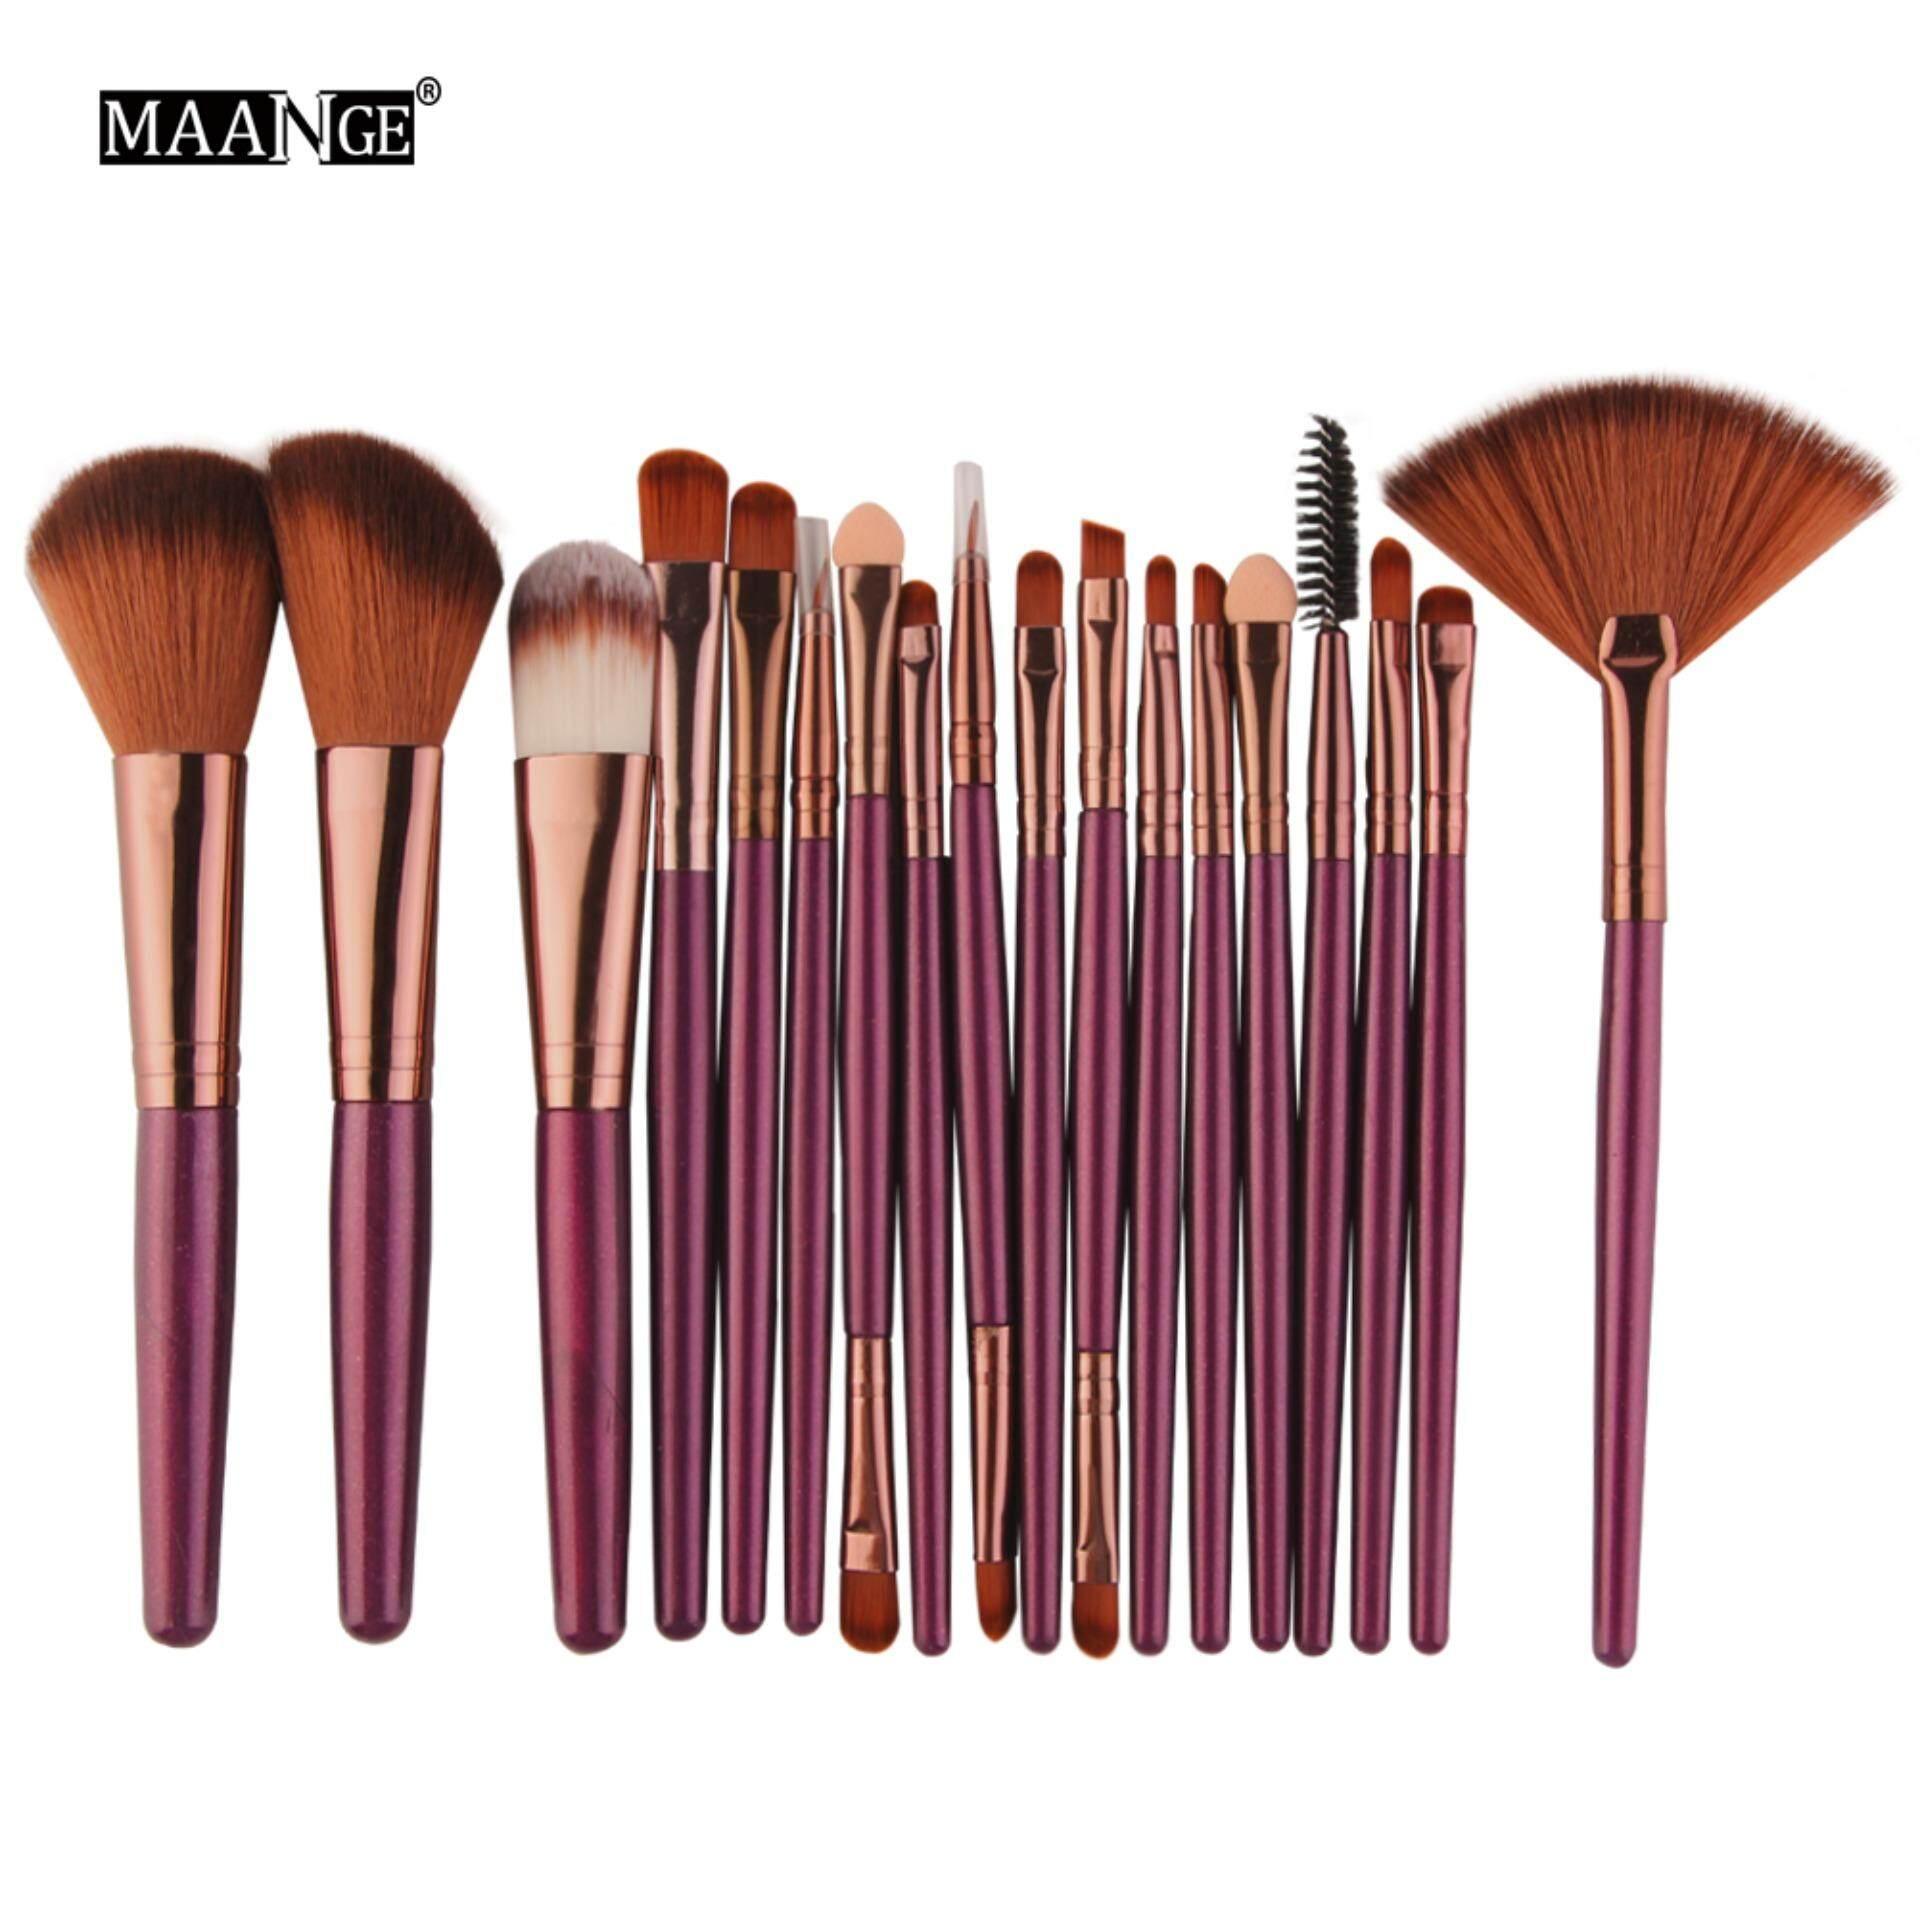 3130d60d67b8 MAANGE 18Pcs Comestics Make Up Brushes Set Eyeshadow Makeup Brush Set